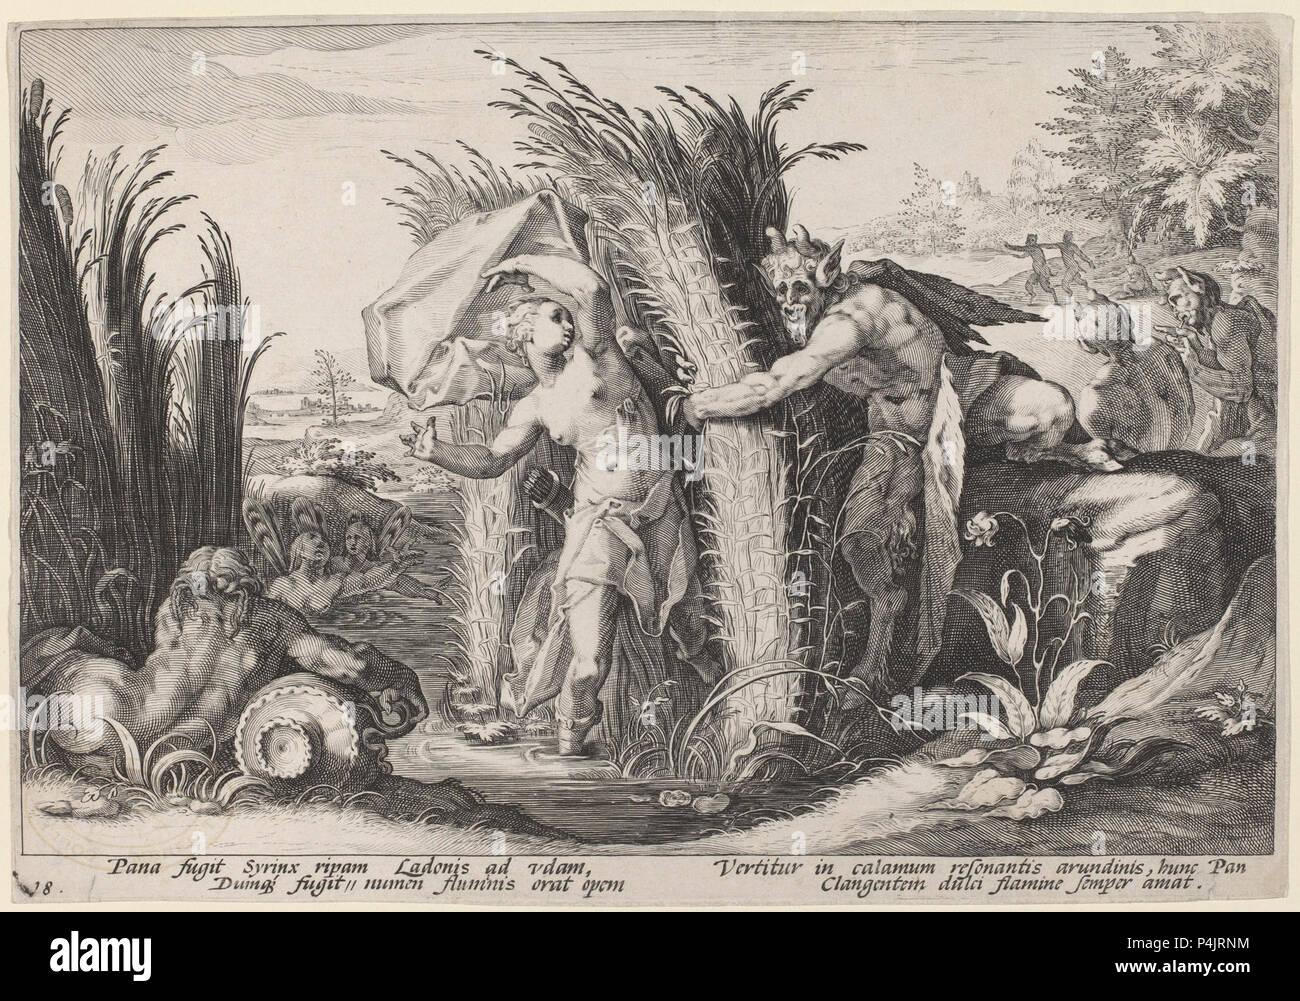 1600ca. Ovid's Metamorphoses - etching - Washington DC, NGA (2). - Stock Image